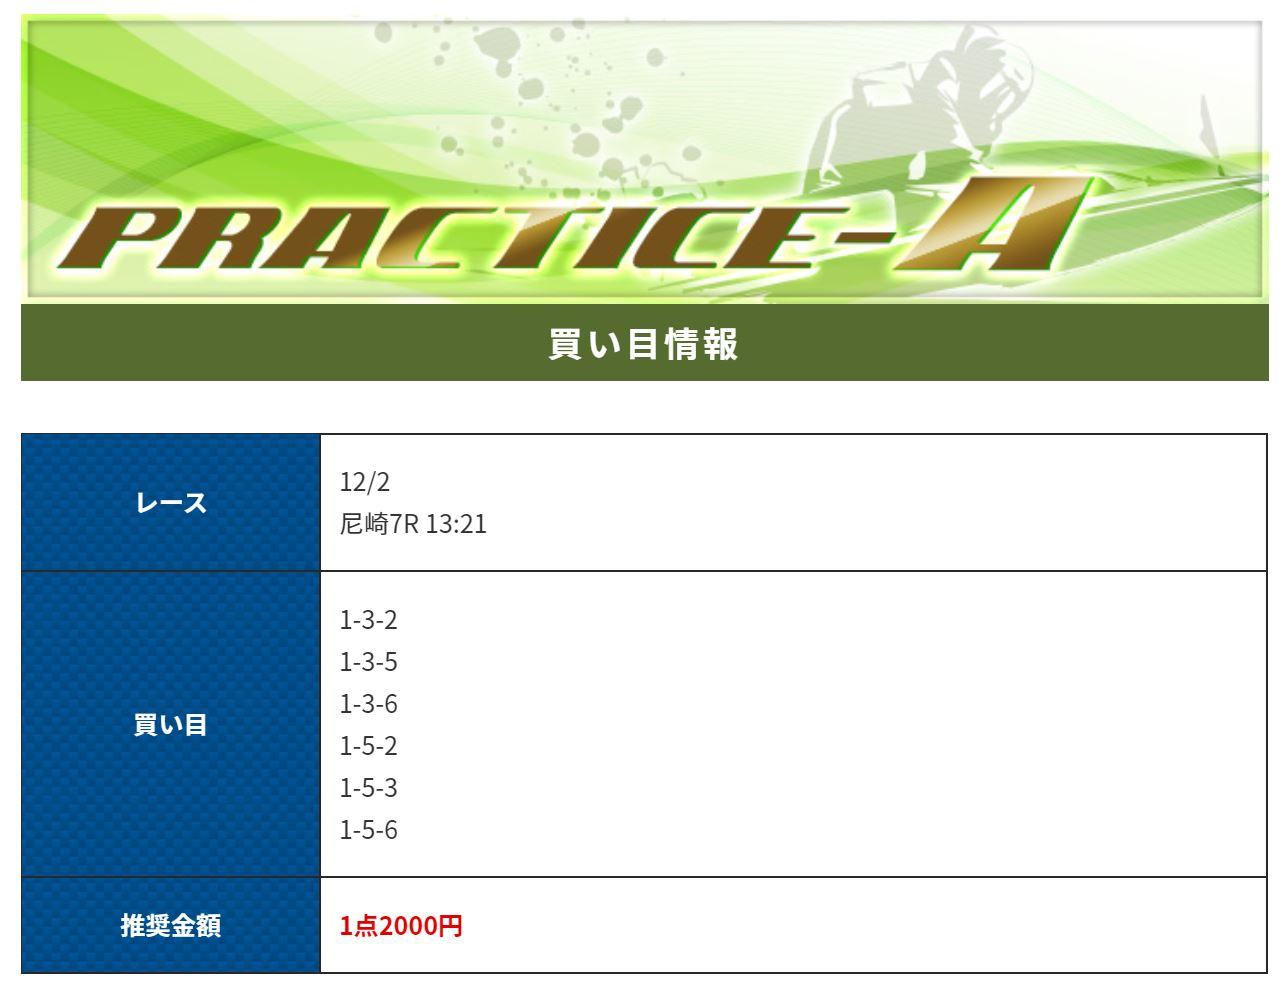 優良 SPEED(スピード) 競艇予想サイトの口コミ検証や無料情報の予想結果も公開中 12月2日PRACTICE-A買い目